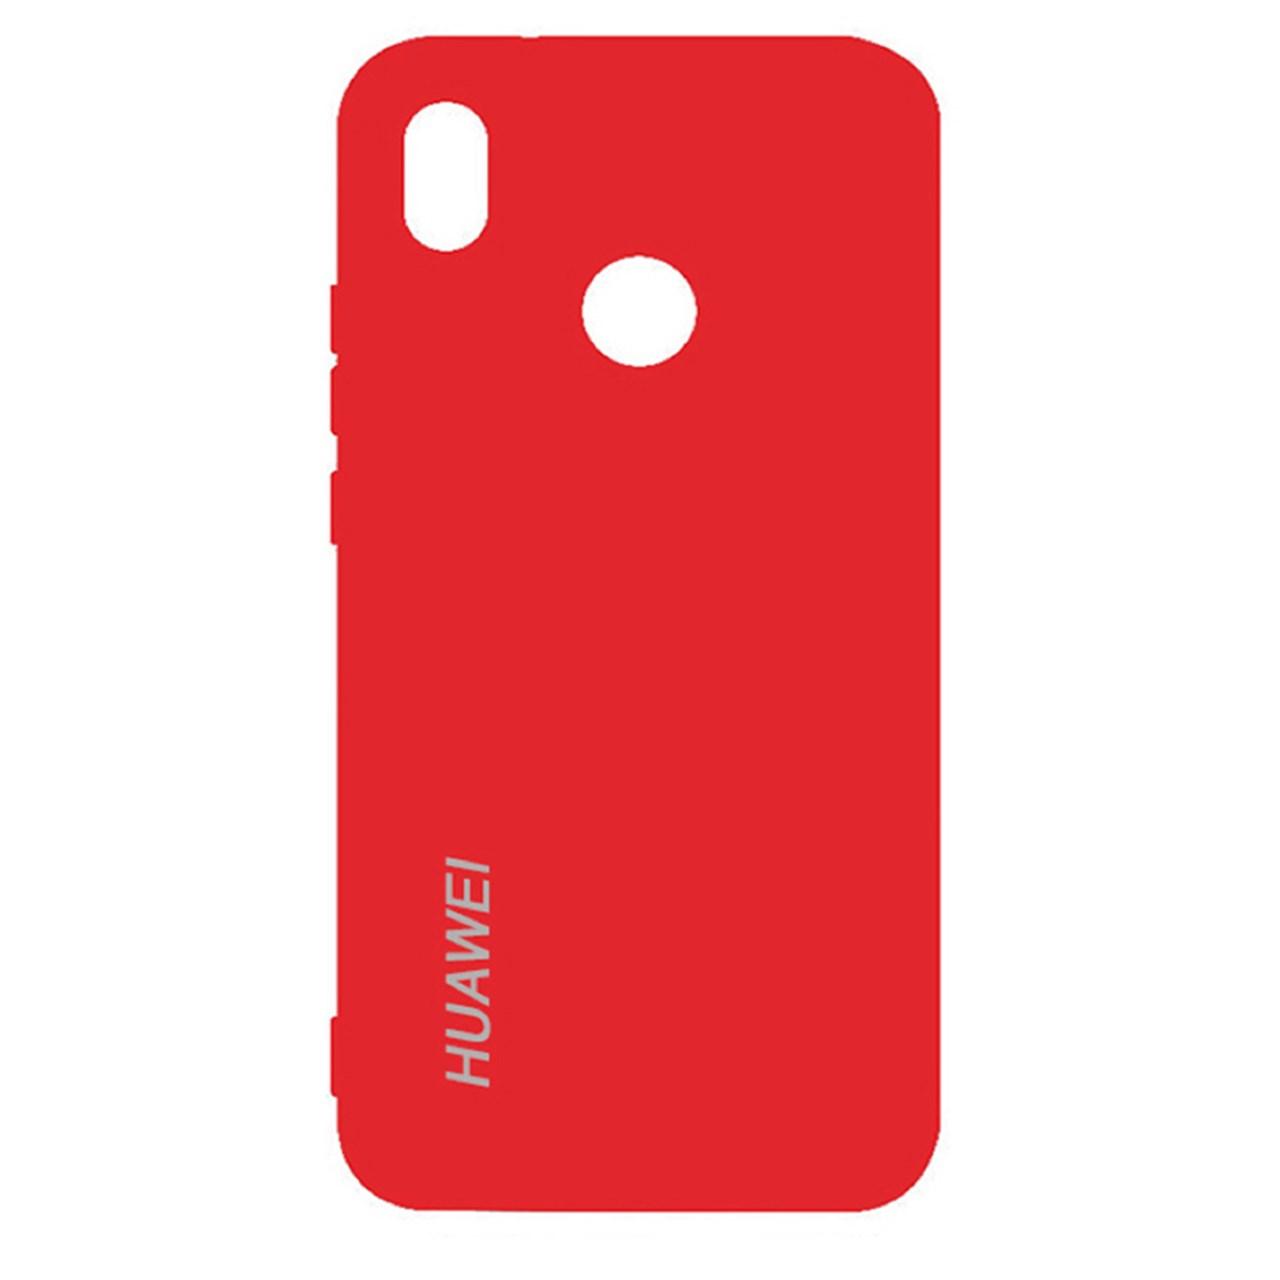 کاور سیلیکونی مناسب برای گوشی موبایل هوآوی Nova 3e/P20 Lite              ( قیمت و خرید)